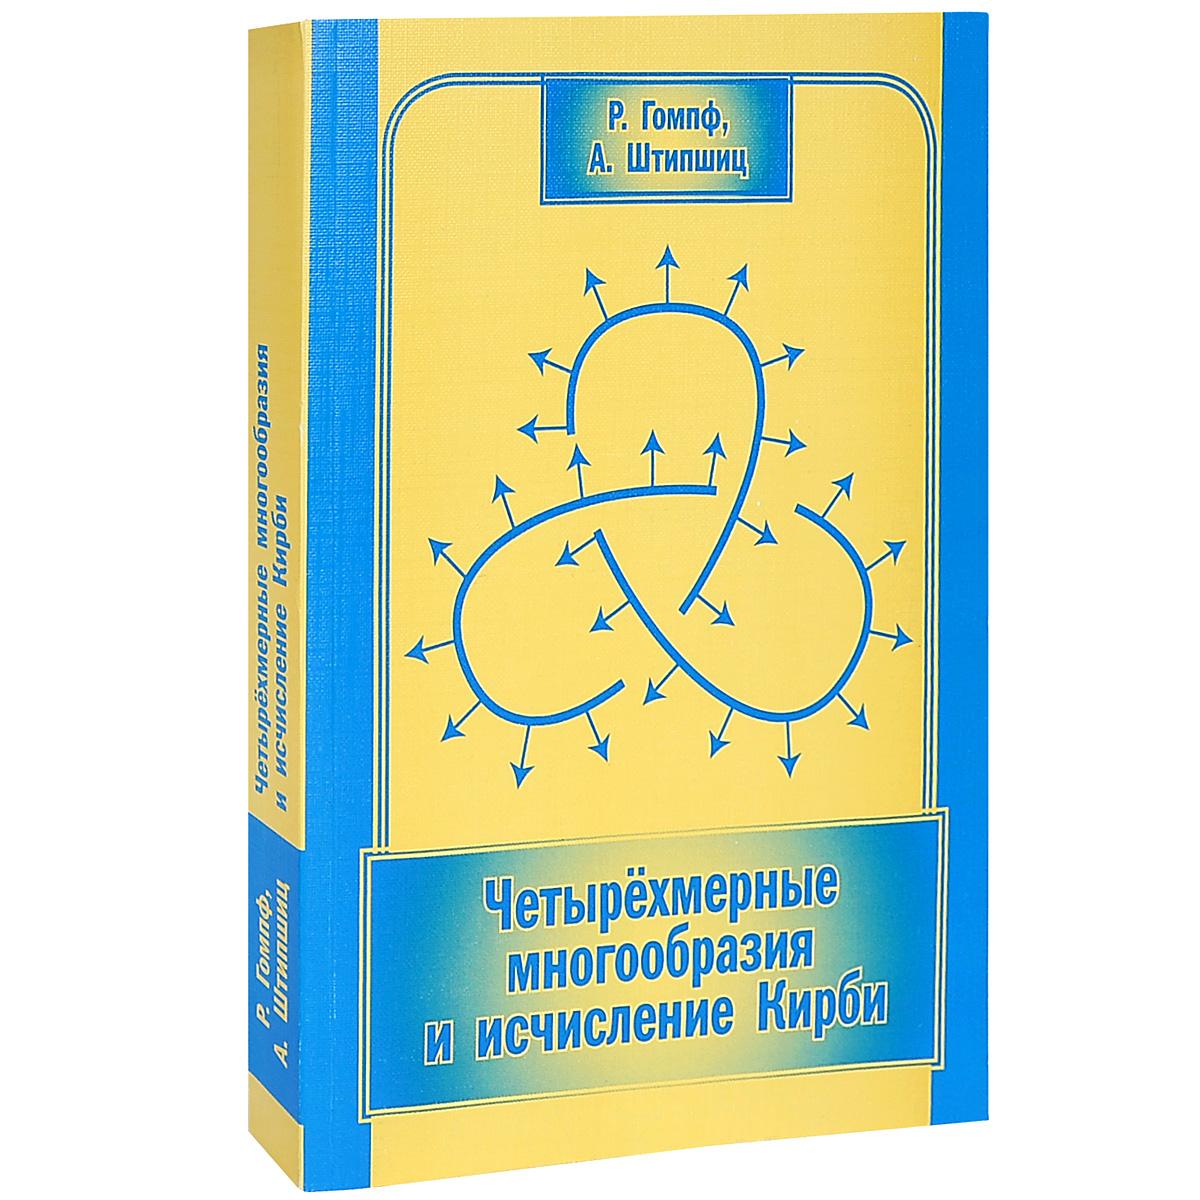 Четырехмерные многообразия и исчисление Кирби, Р. Гомпф, А. Штипшиц